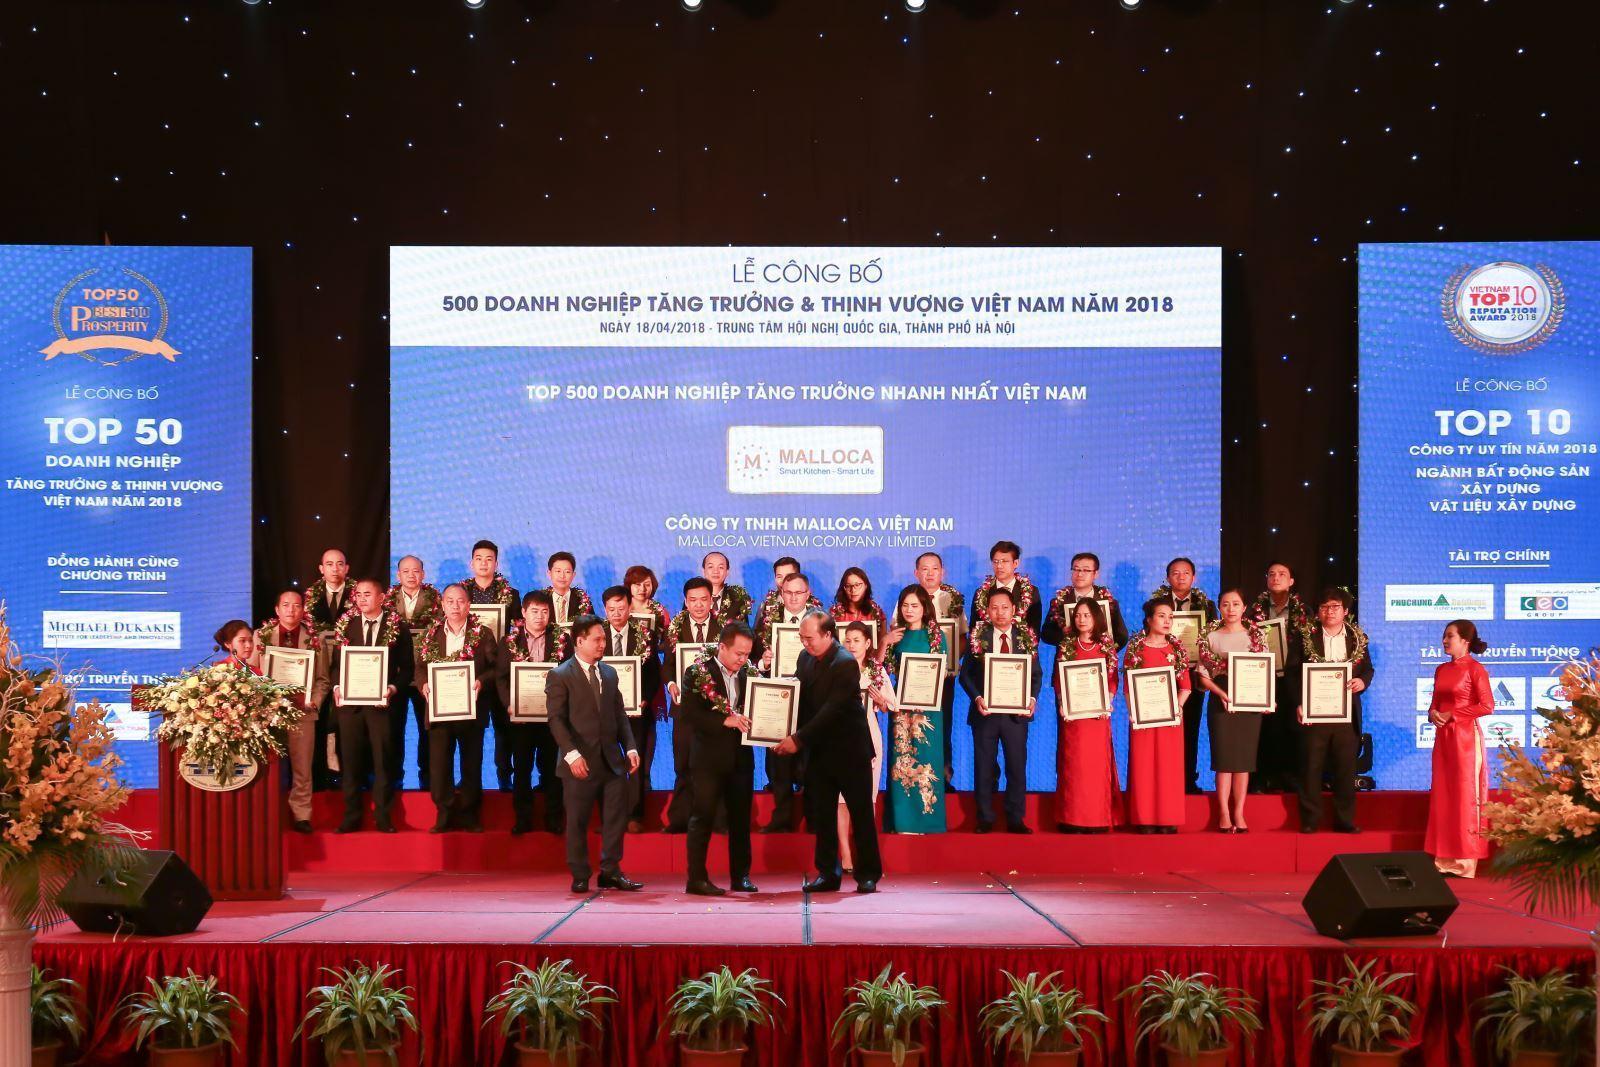 Malloca Việt Nam - một trong những doanh nghiệp tăng trưởng bền vững nhất Việt Nam